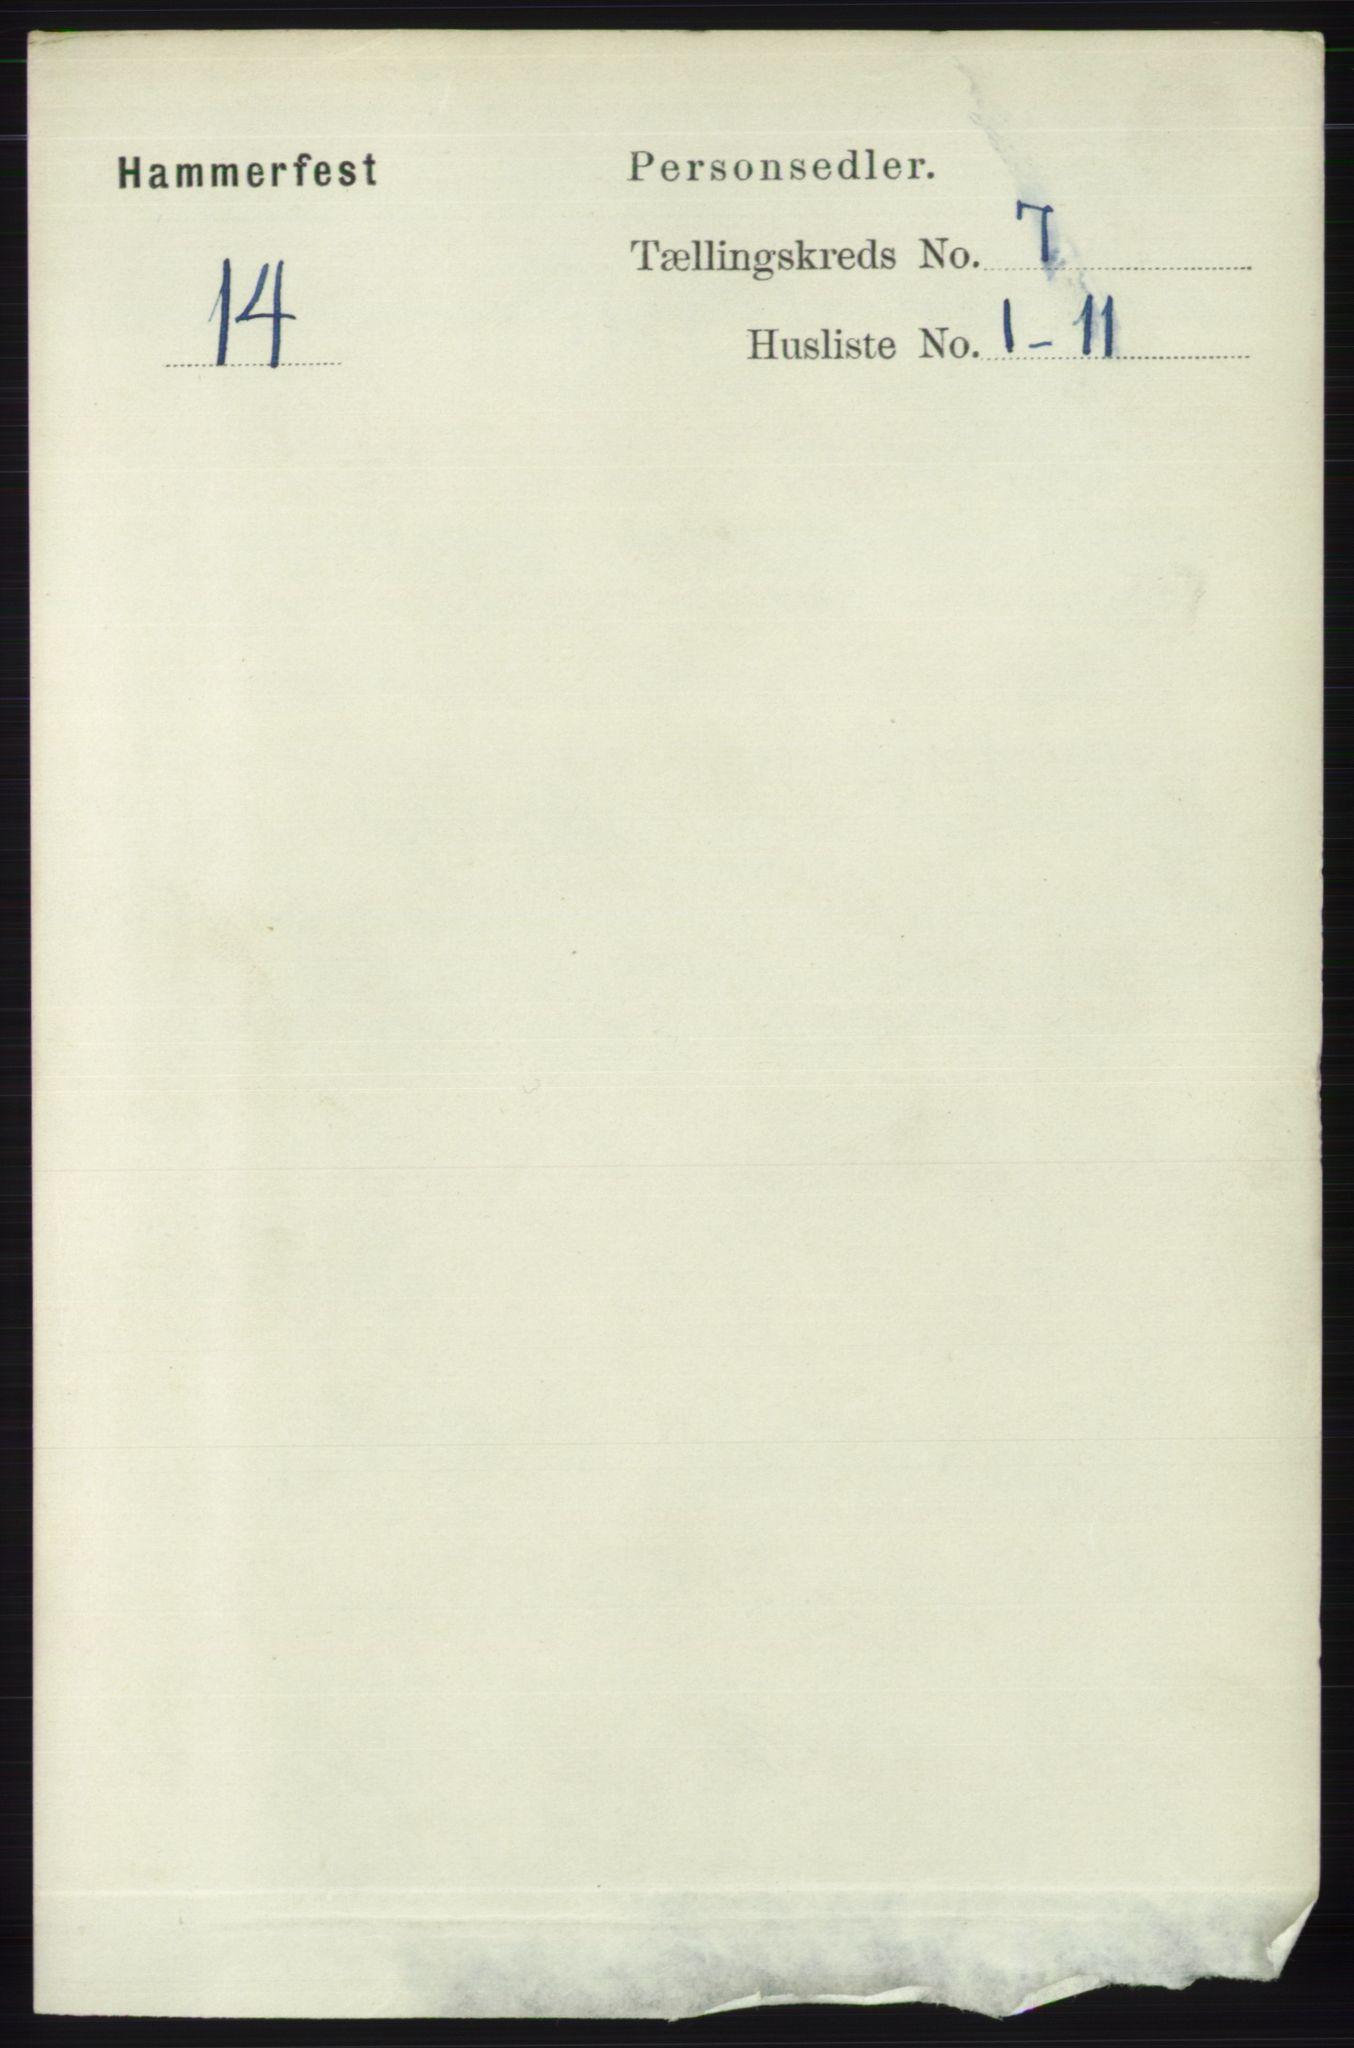 RA, Folketelling 1891 for 2001 Hammerfest kjøpstad, 1891, s. 2286